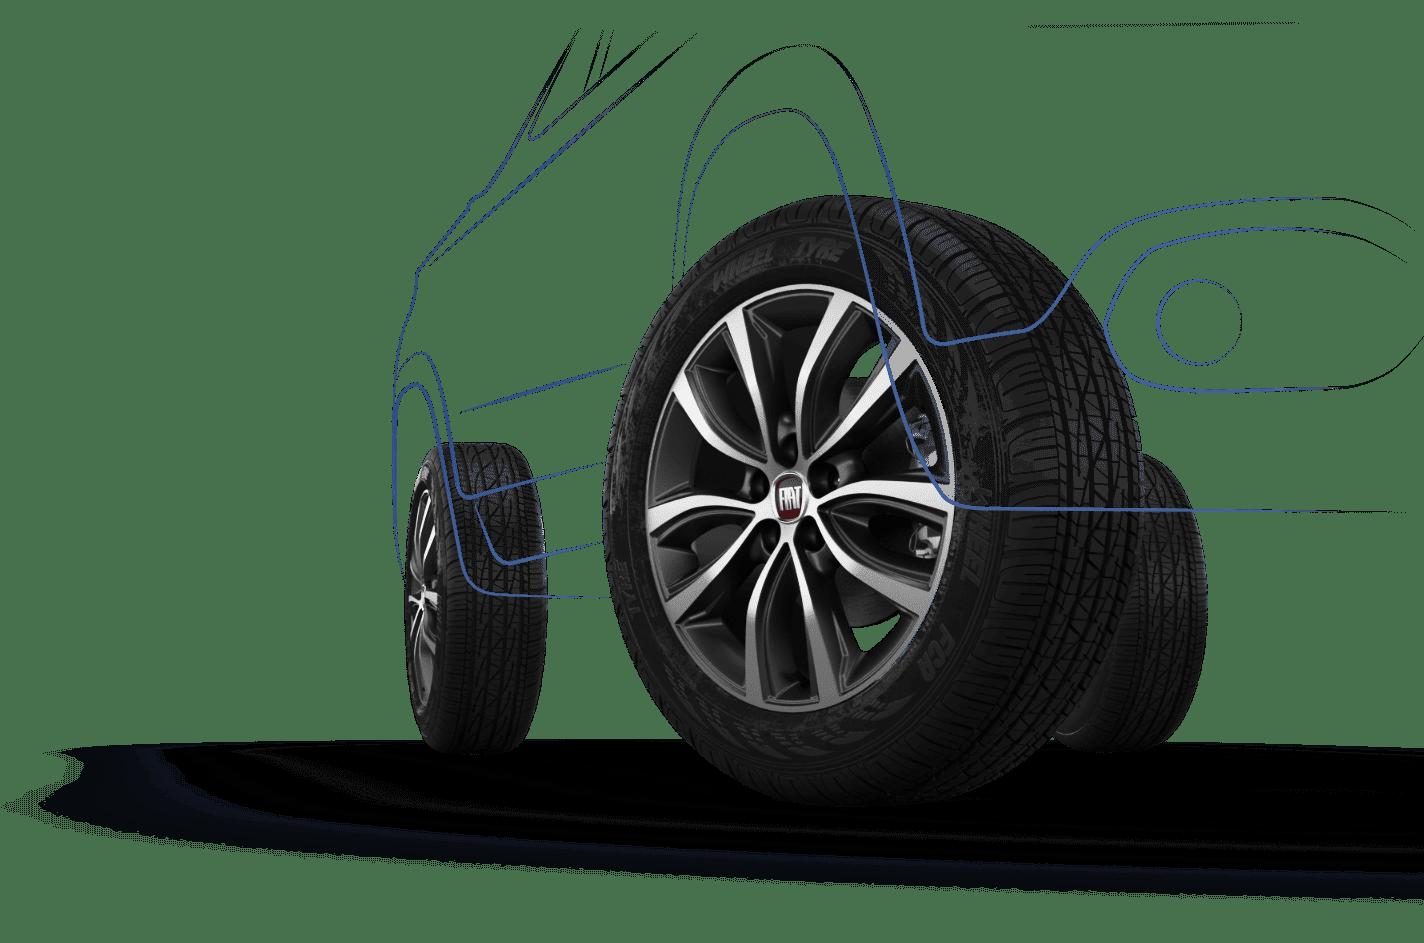 Roda 1a1 Toro - Concessionária e Revenda Autorizada Fiat em Santa Catarina, SC | Carboni Fiat